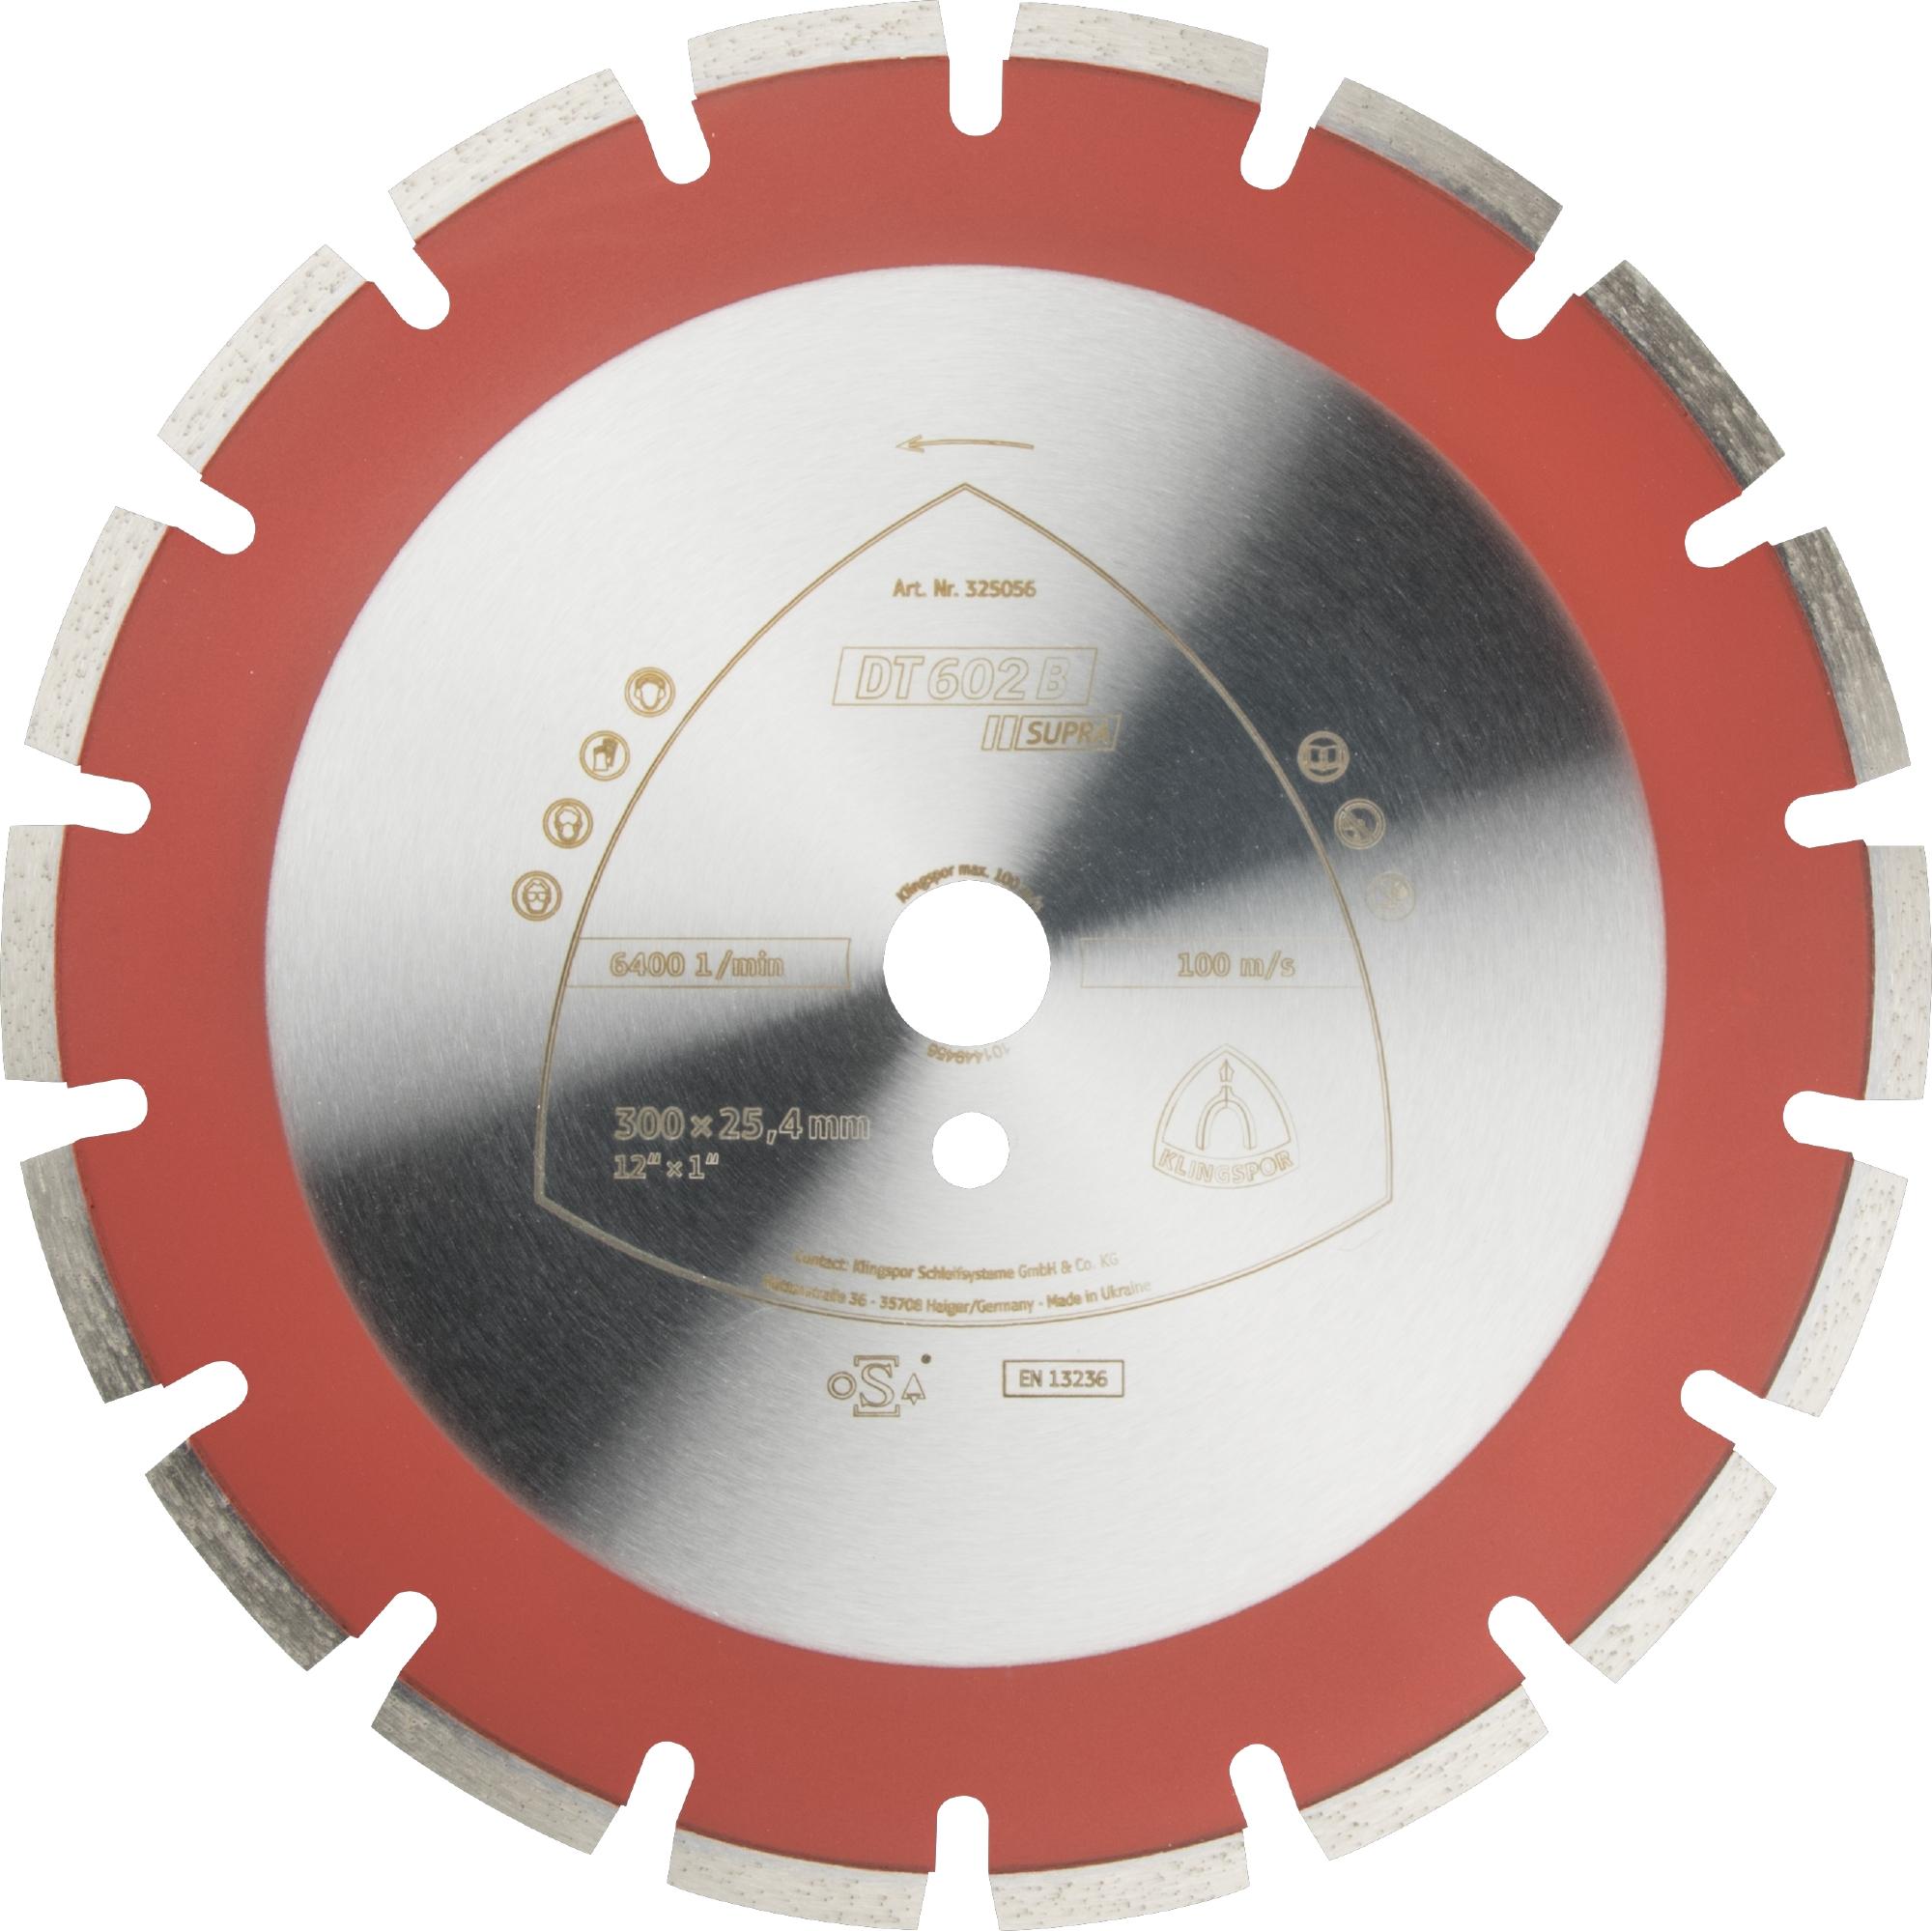 Klingspor DT 602 B Diamanttrennscheiben | 400 x 3,6 x 25,4 mm 24 Segmente 40 x 3,6 x 9 mm, Weitverzahnt | 349242